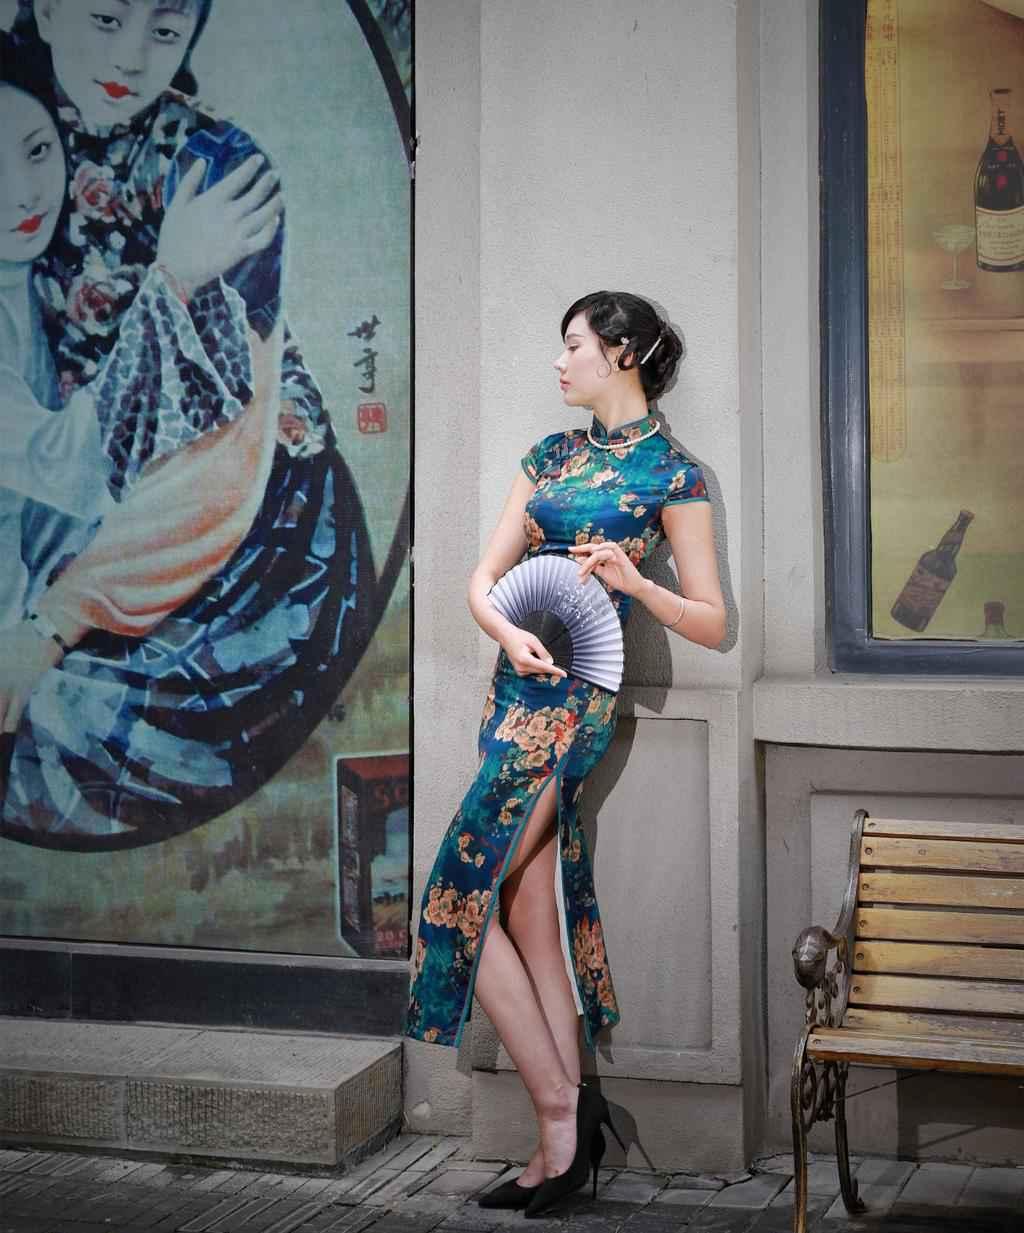 日本美女性感露胸诱惑